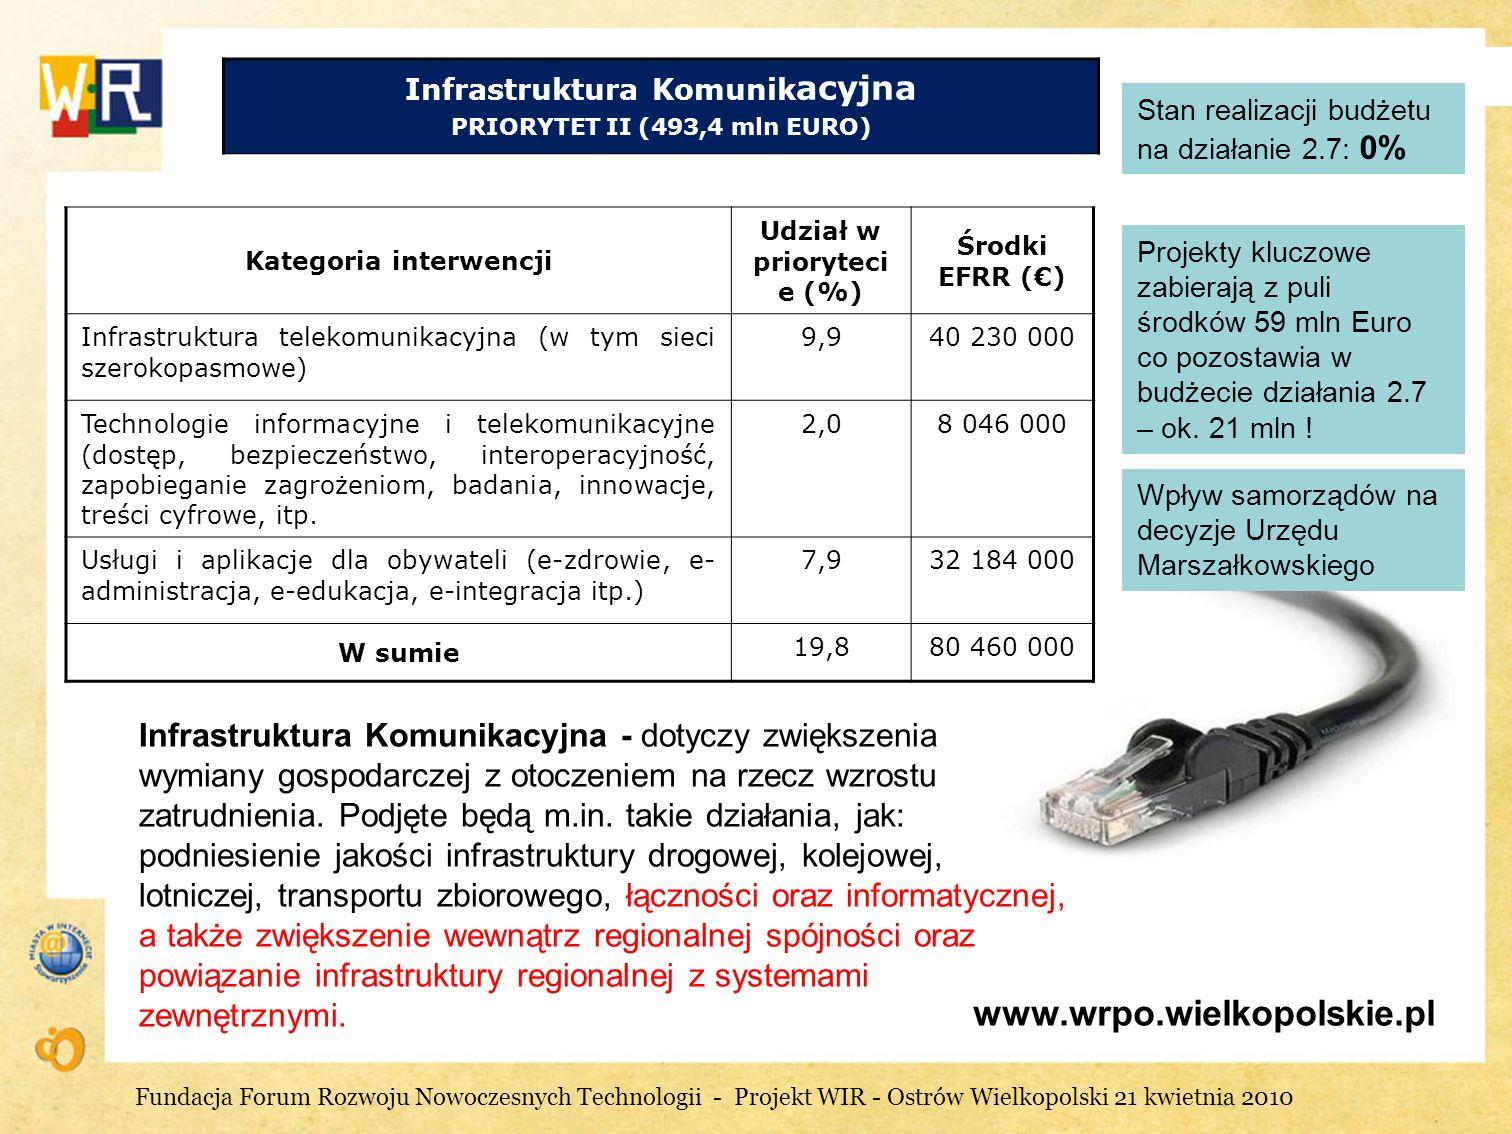 www.wrpo.wielkopolskie.pl Stan realizacji budżetu na działanie 2.7: 0% Projekty kluczowe zabierają z puli środków 59 mln Euro co pozostawia w budżecie